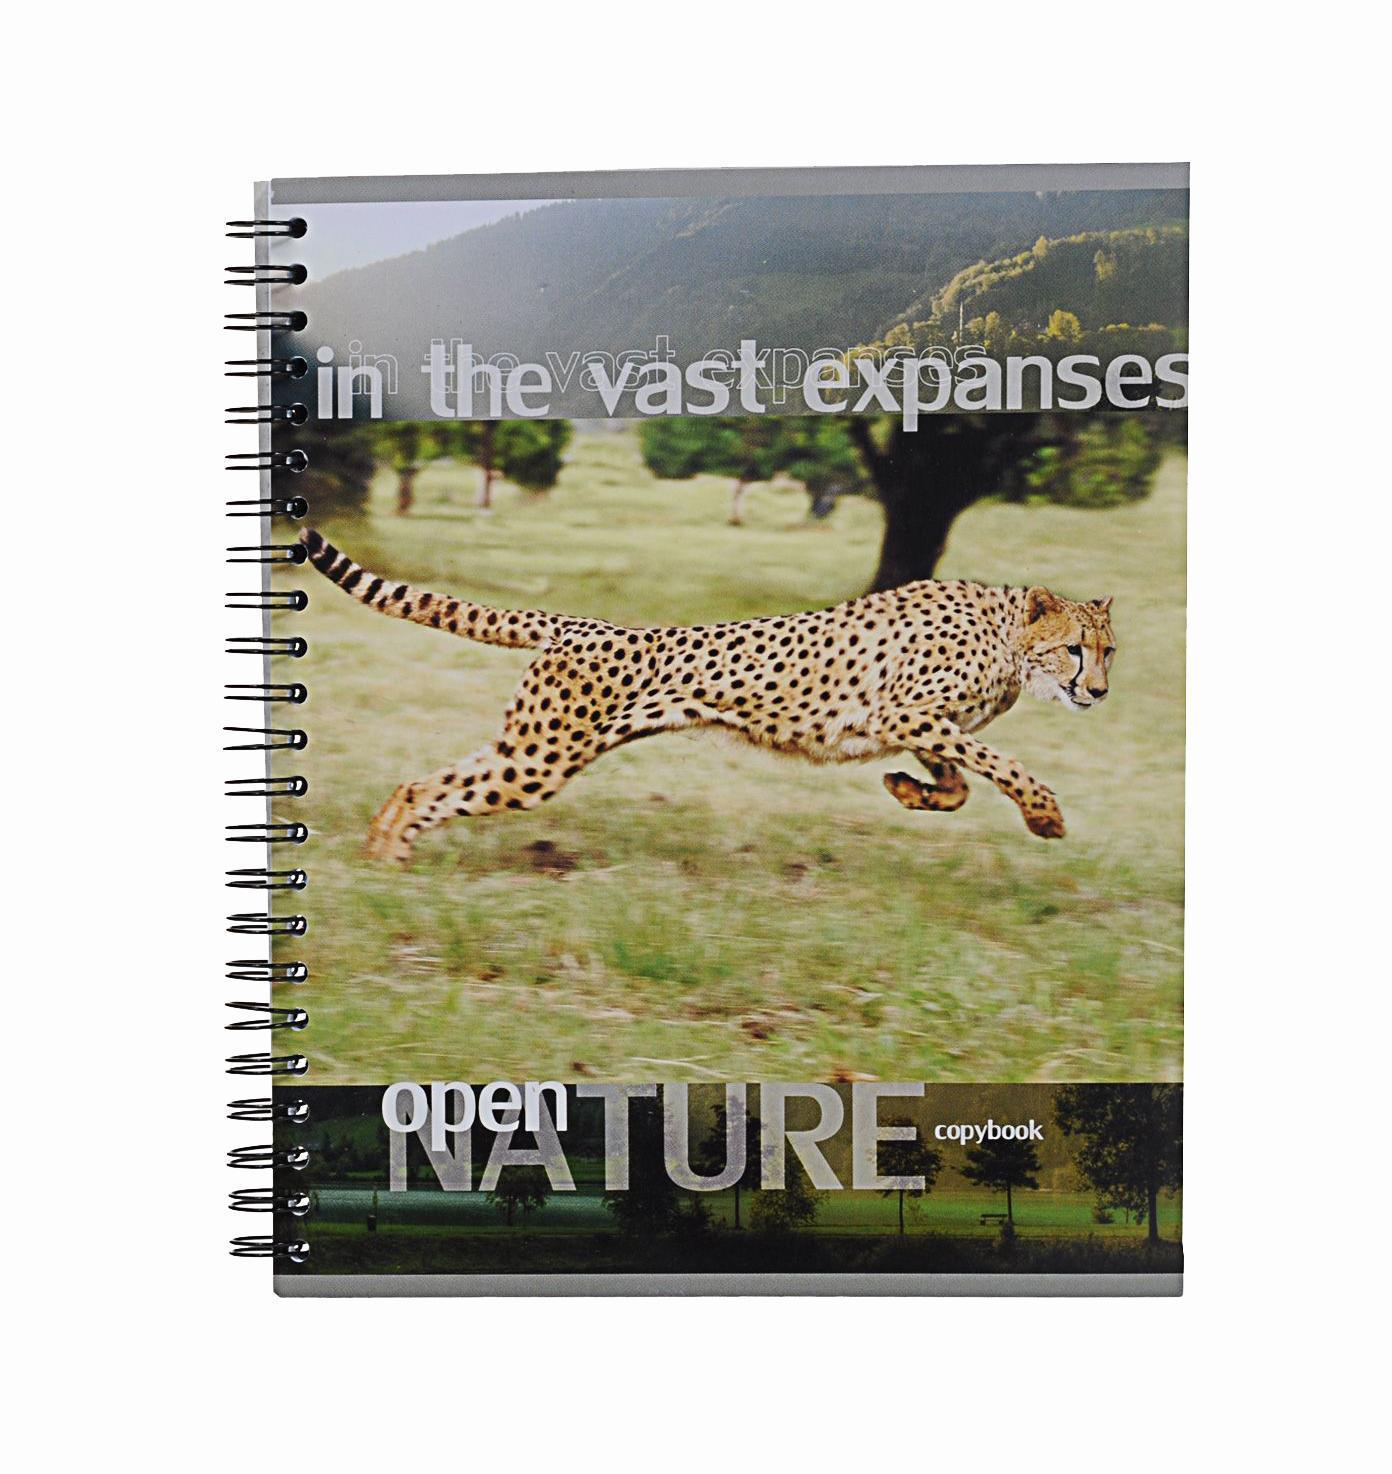 Тетрадь на спирали, 96л Open nature, леопард38010леопардтетрадь на спирали,96л Open nature, леопард